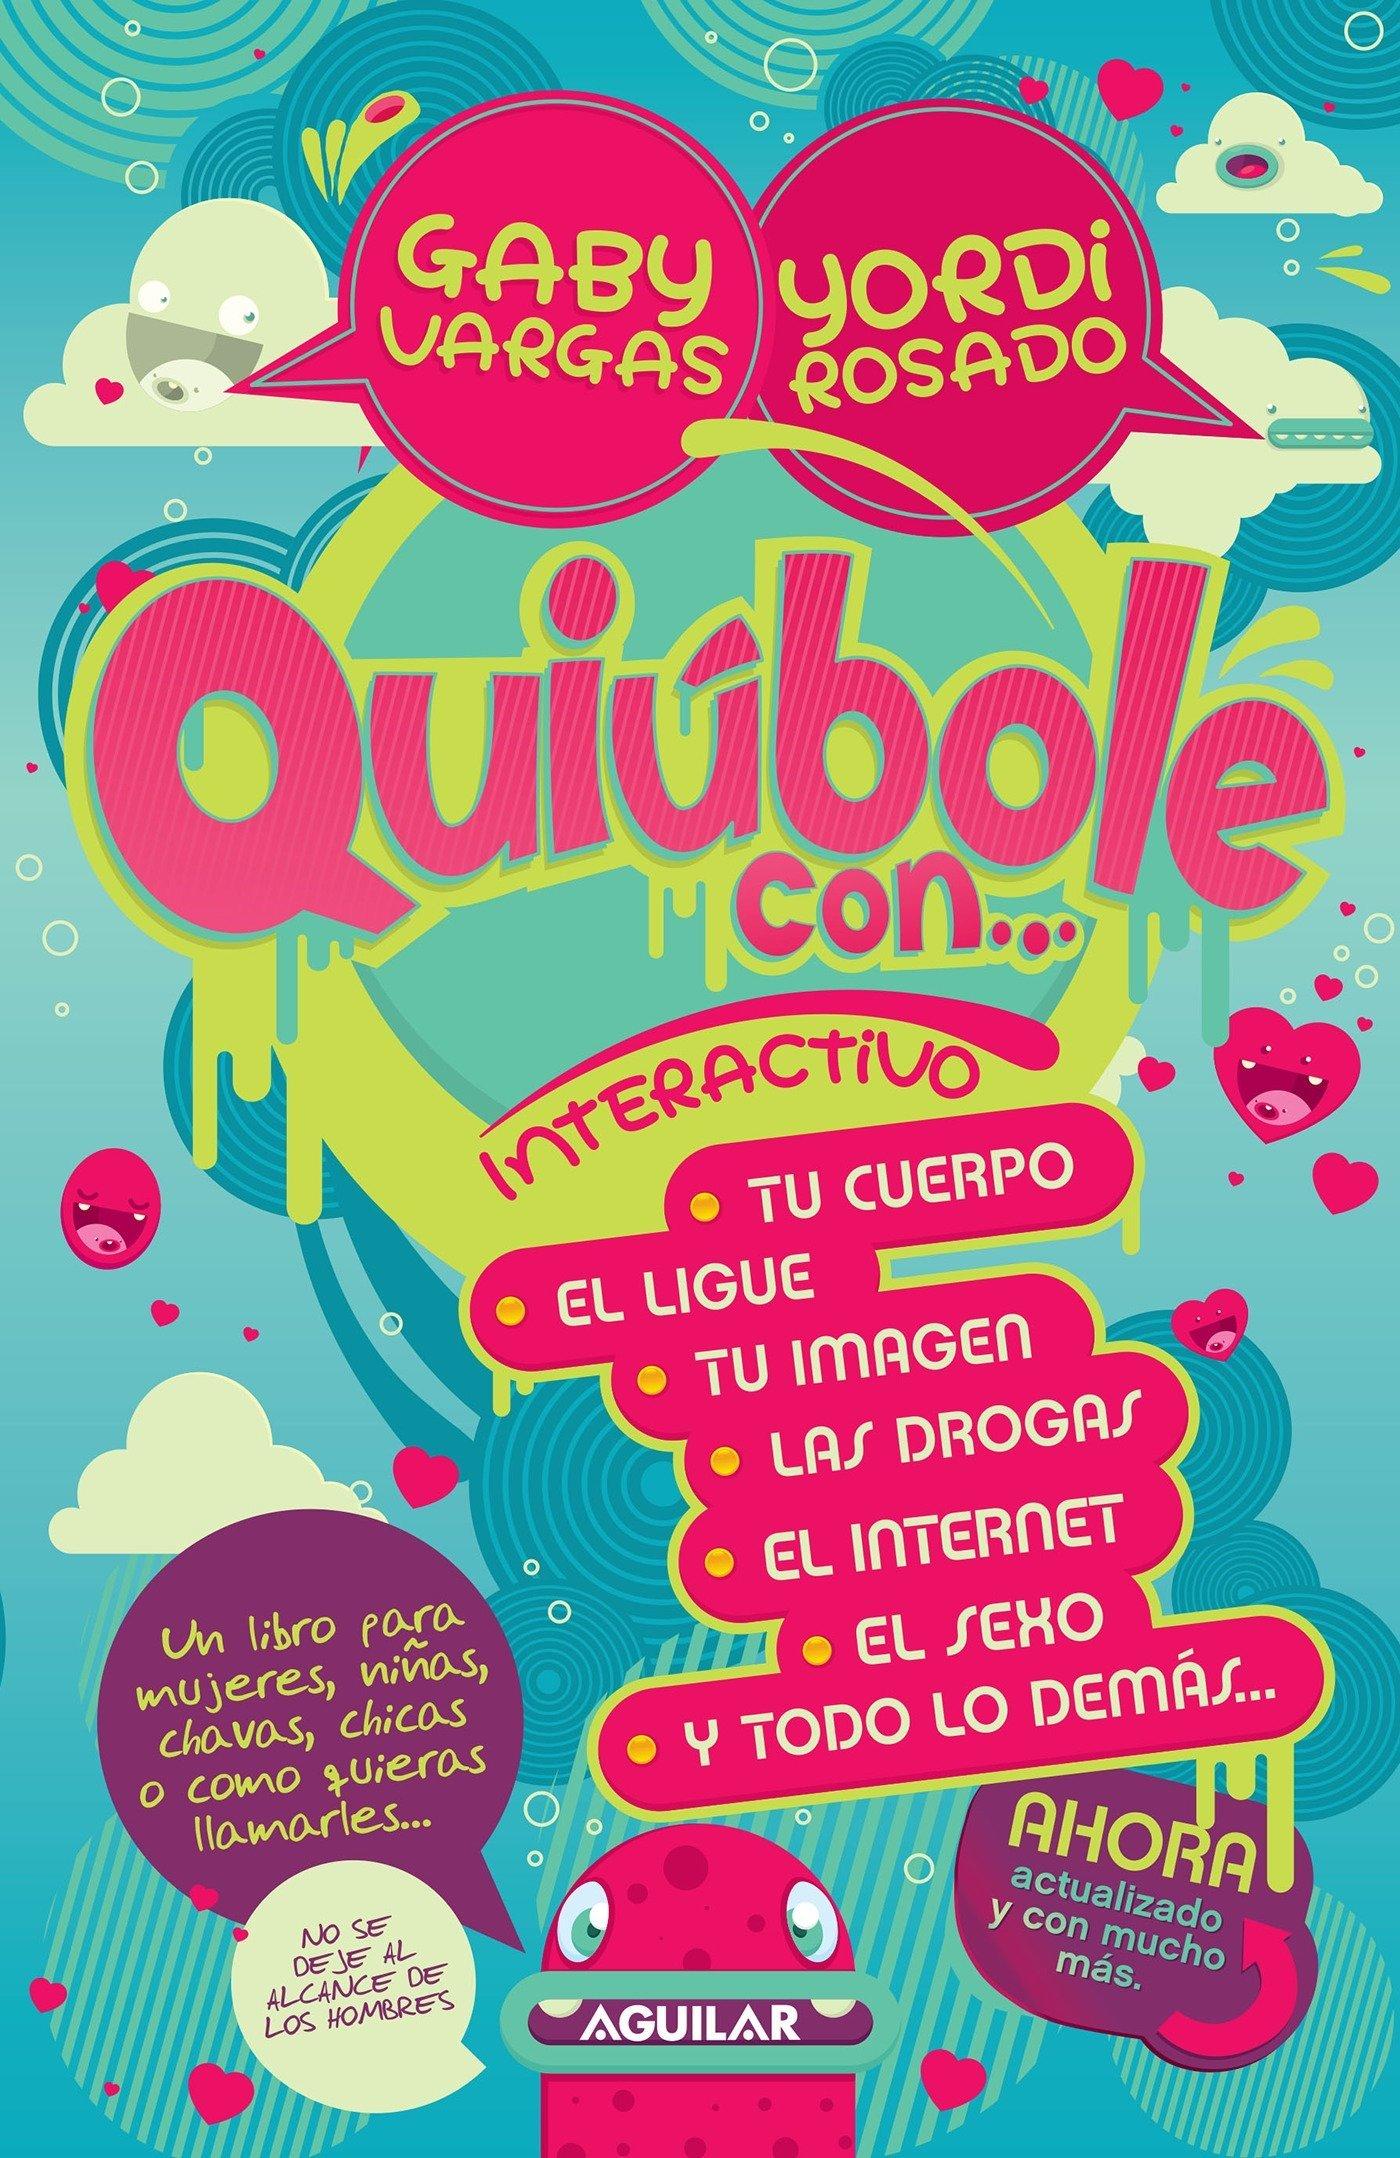 libro de quiubole para mujeres.pdf